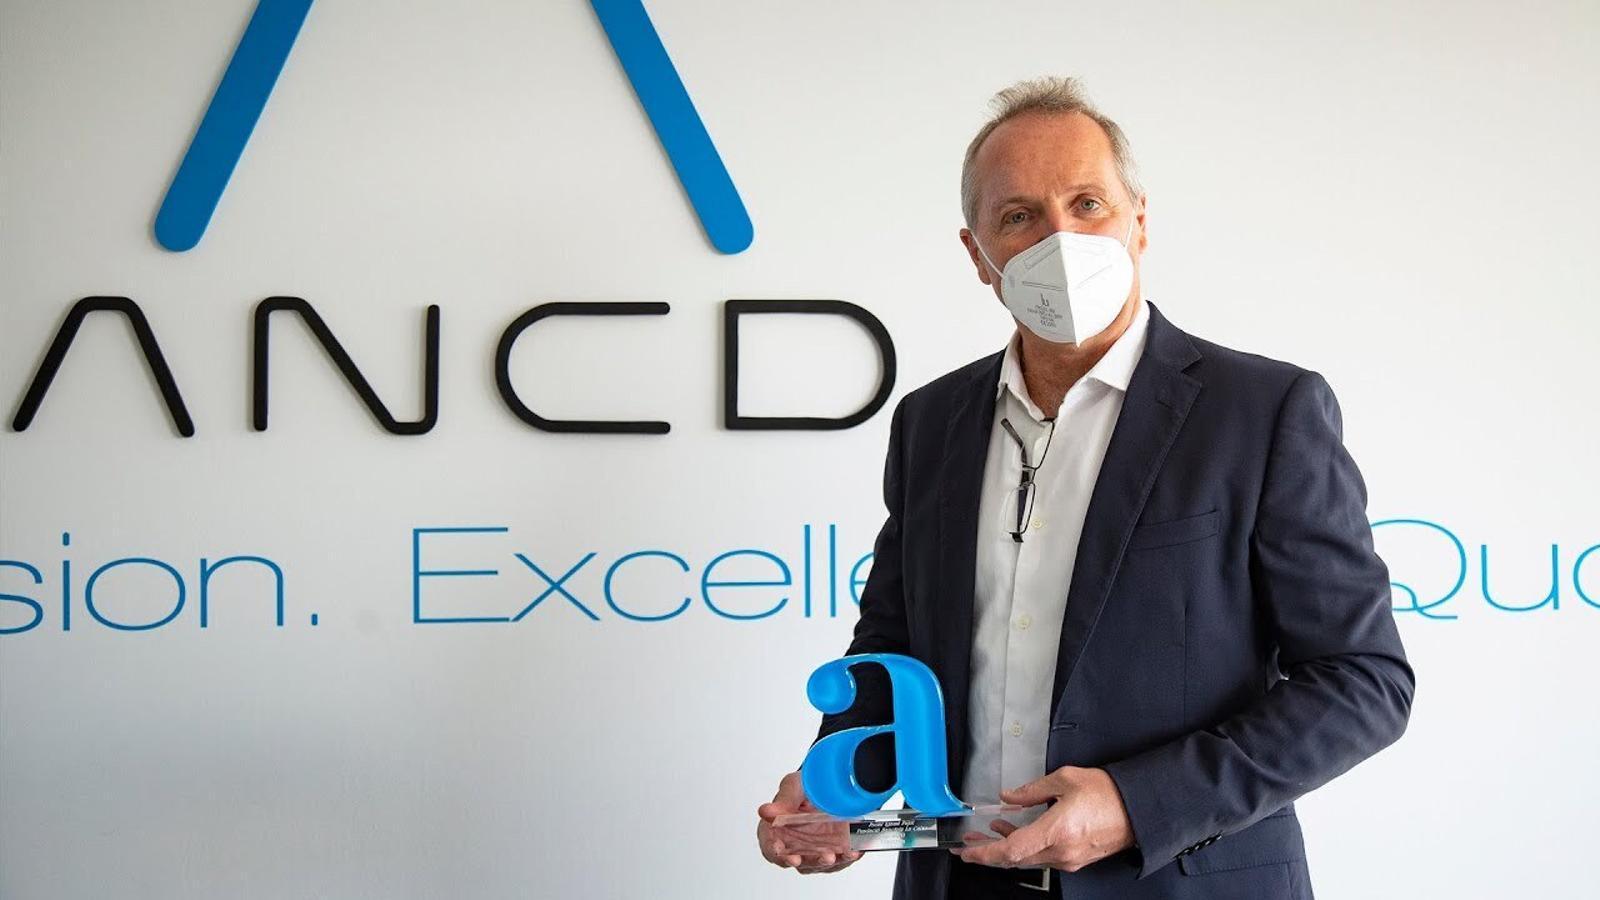 L'empresa Anaconda guanya el premi Ignasi Pujol 2020